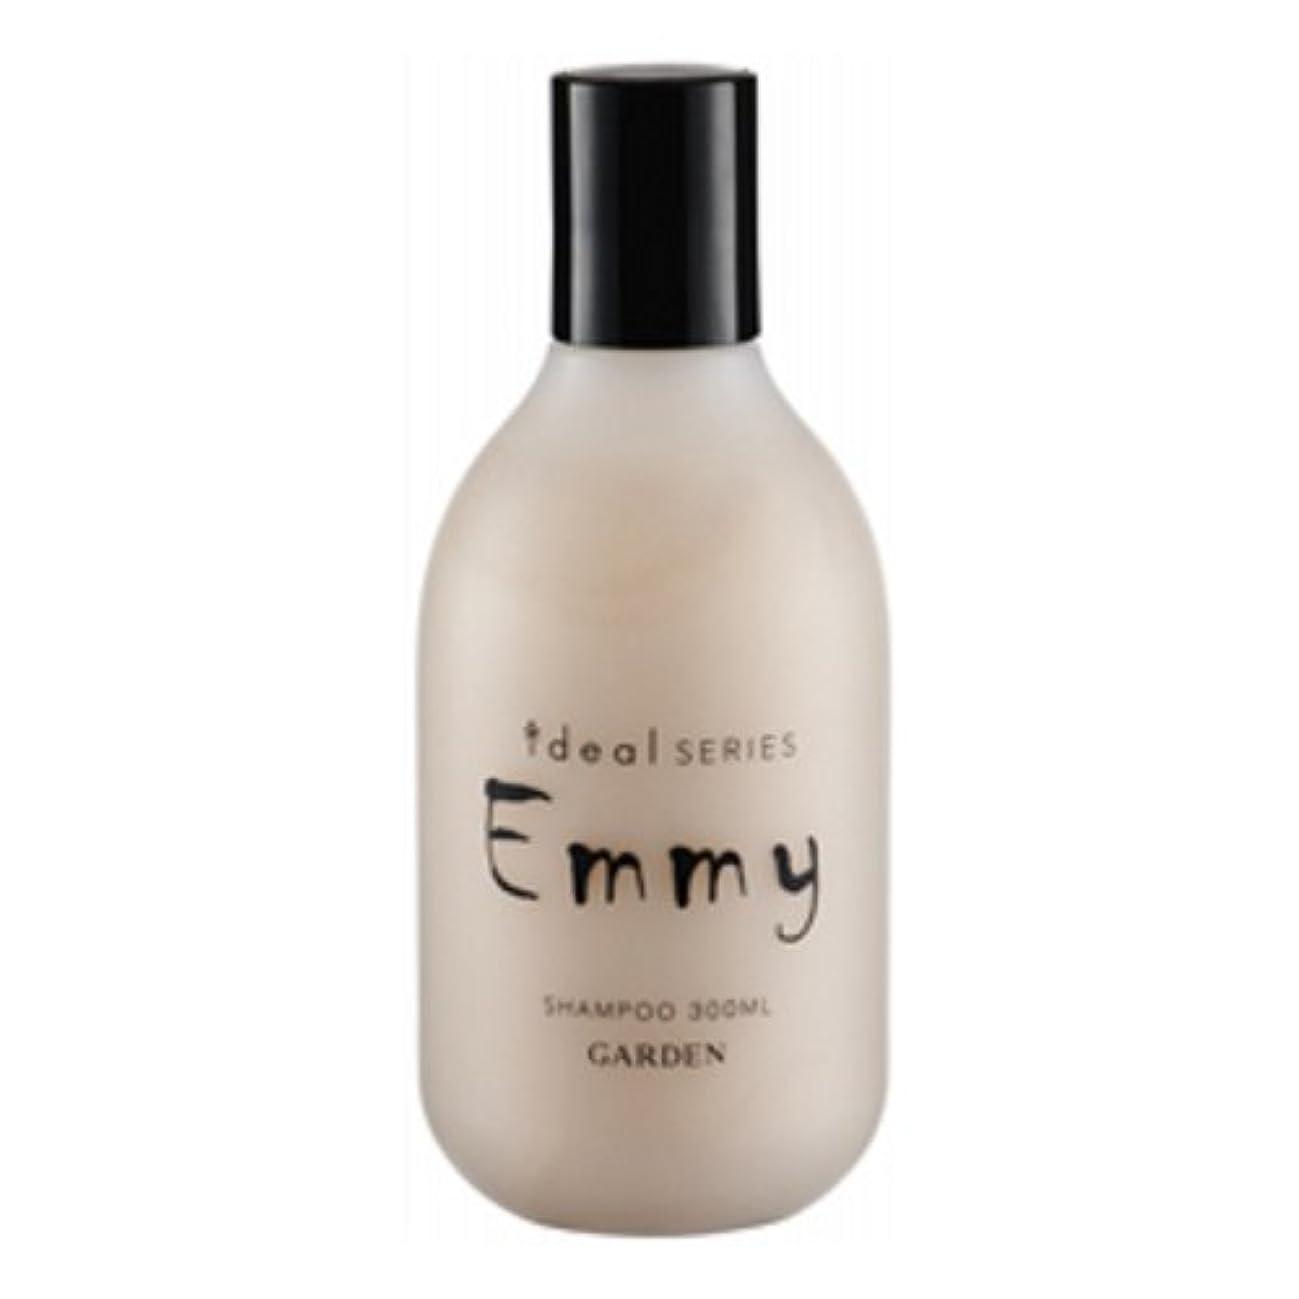 姓変な懐疑論GARDEN ideal SERIES (イデアルシリーズ) Emmy エミー ふんわりベーシックシャンプー 300ml